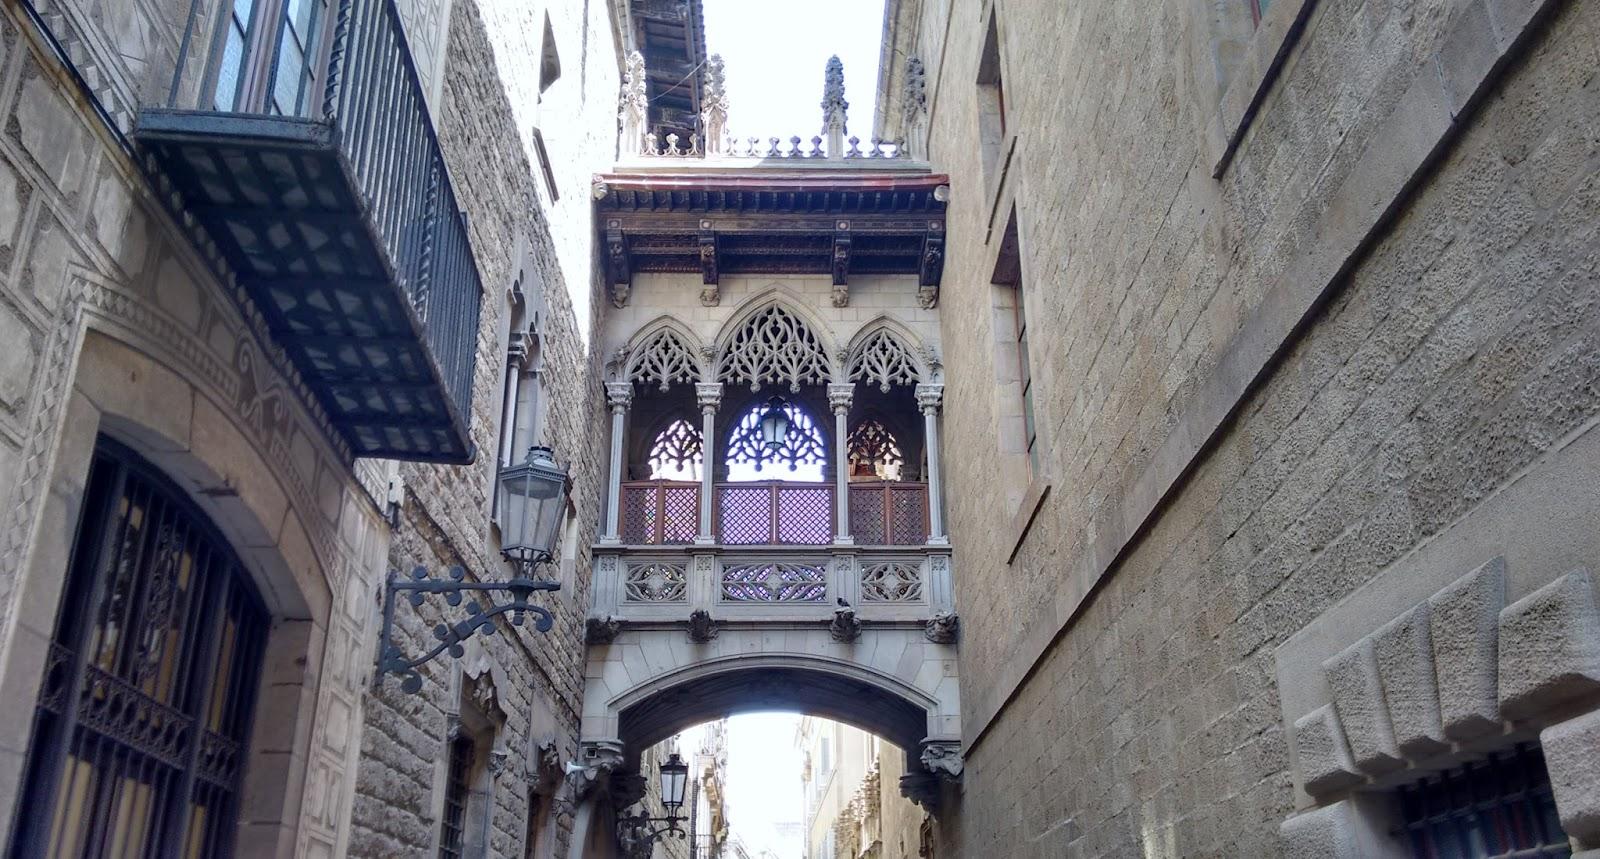 Passagem em rua do bairro gótico Barcelona